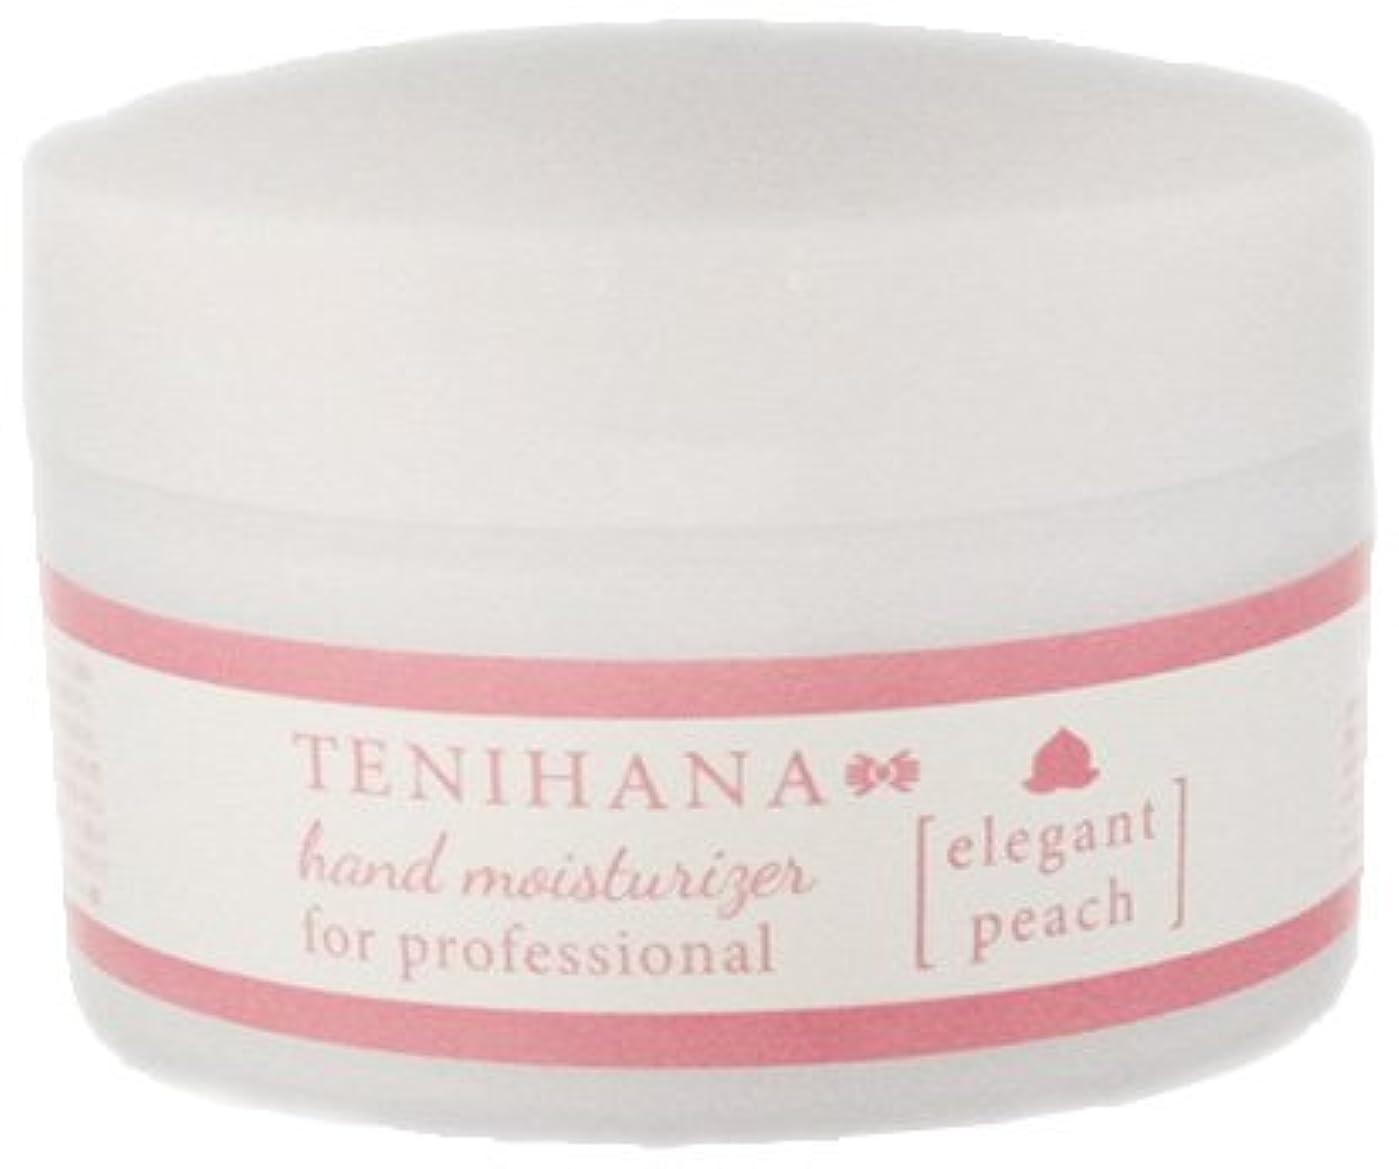 ばか化合物球状TENIHANA (テニハナ)ハンドモイスチャライザー エレガントピーチ 100g